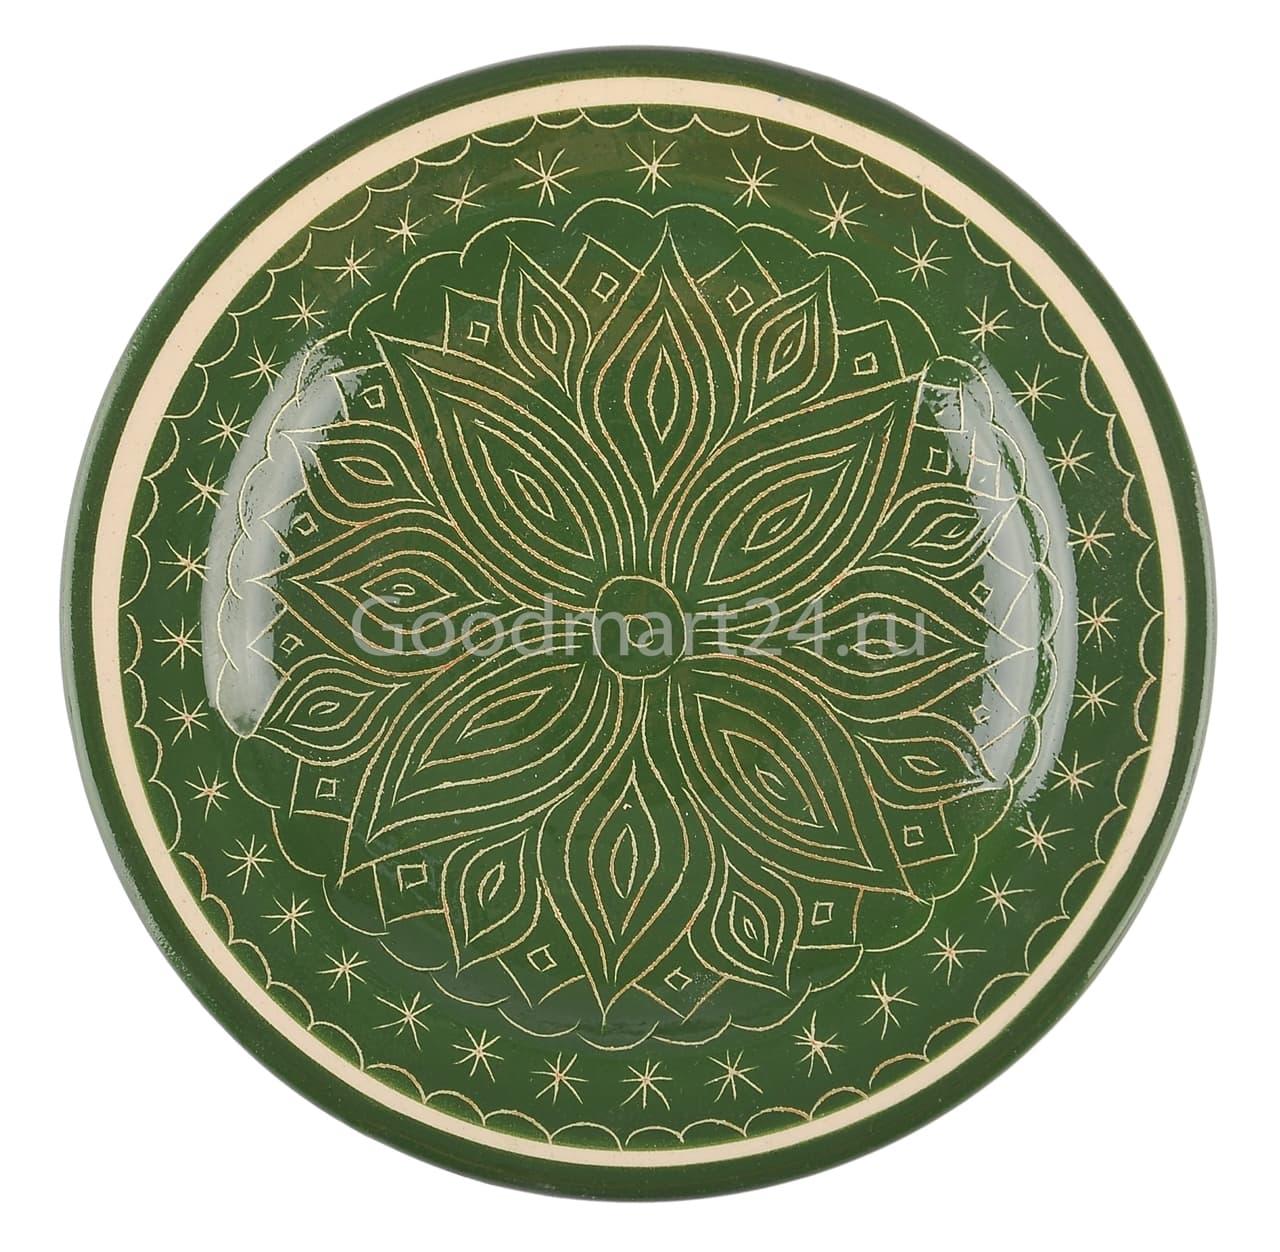 Тарелка глубокая Риштанская Керамика 19 см. зеленая - фото 7532